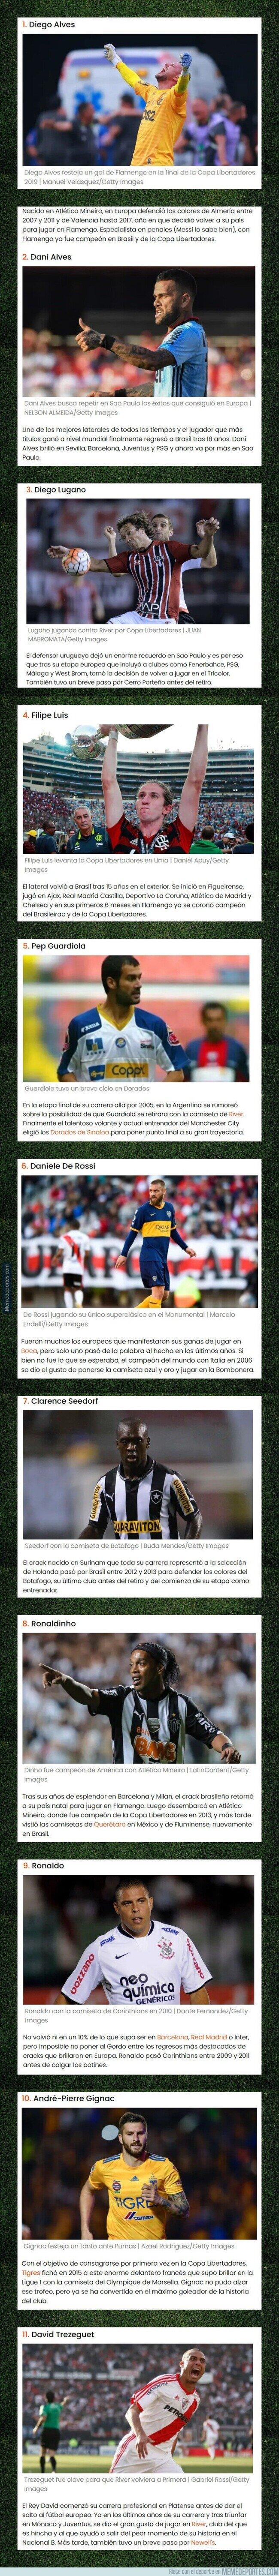 1112042 - El equipo ideal de jugadores que brillaron en Europa y emigraron a Latinoamérica en los últimos años